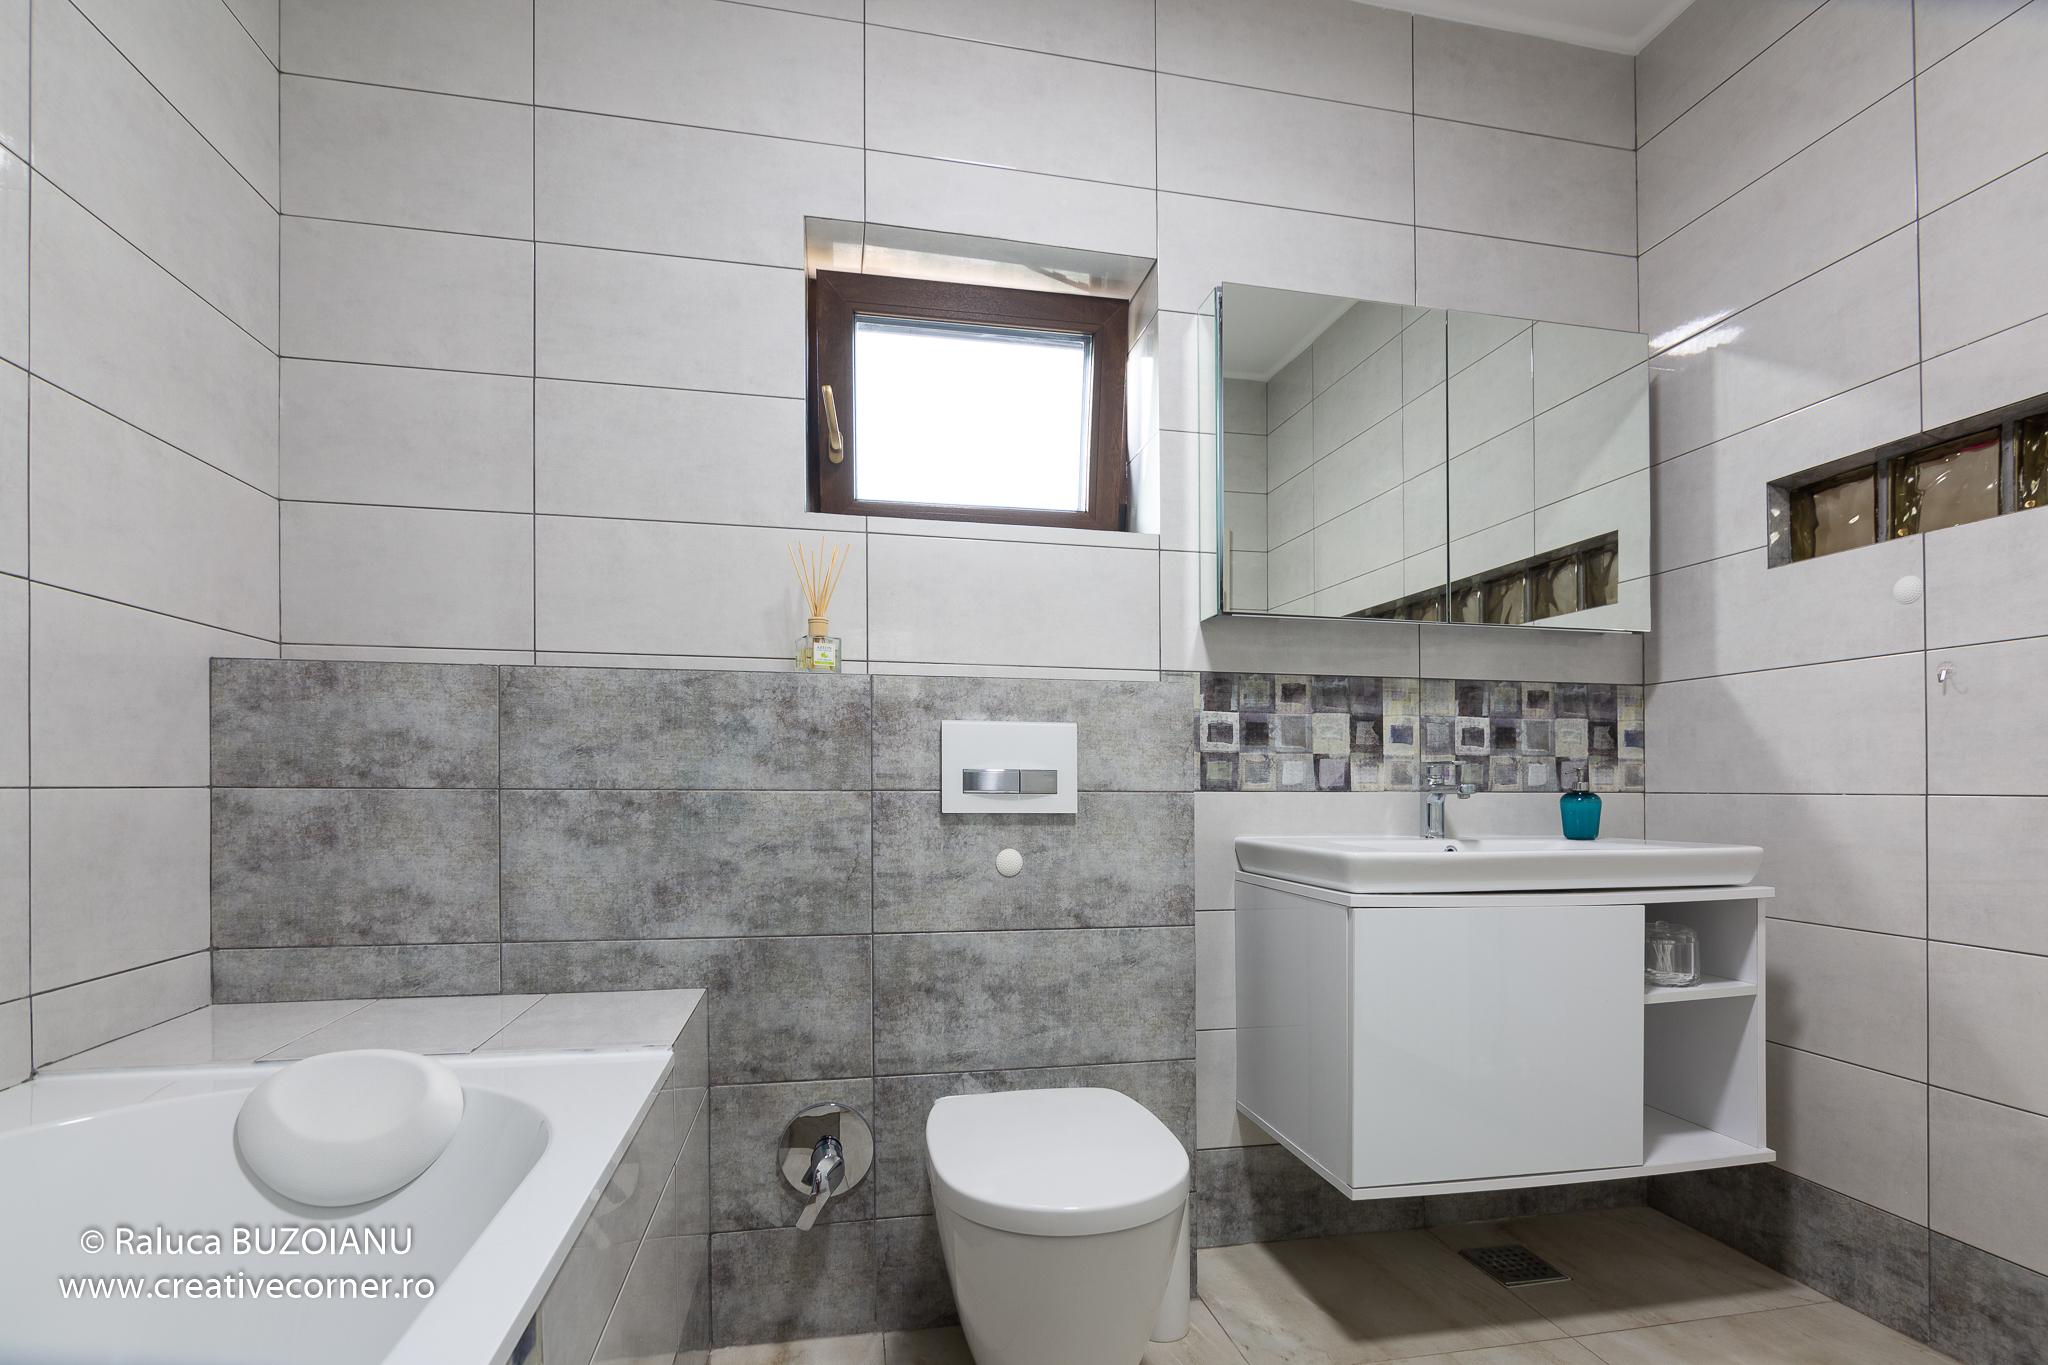 Casa-de-vanzare-Mihail-Kogalniceanu-Constanta-21